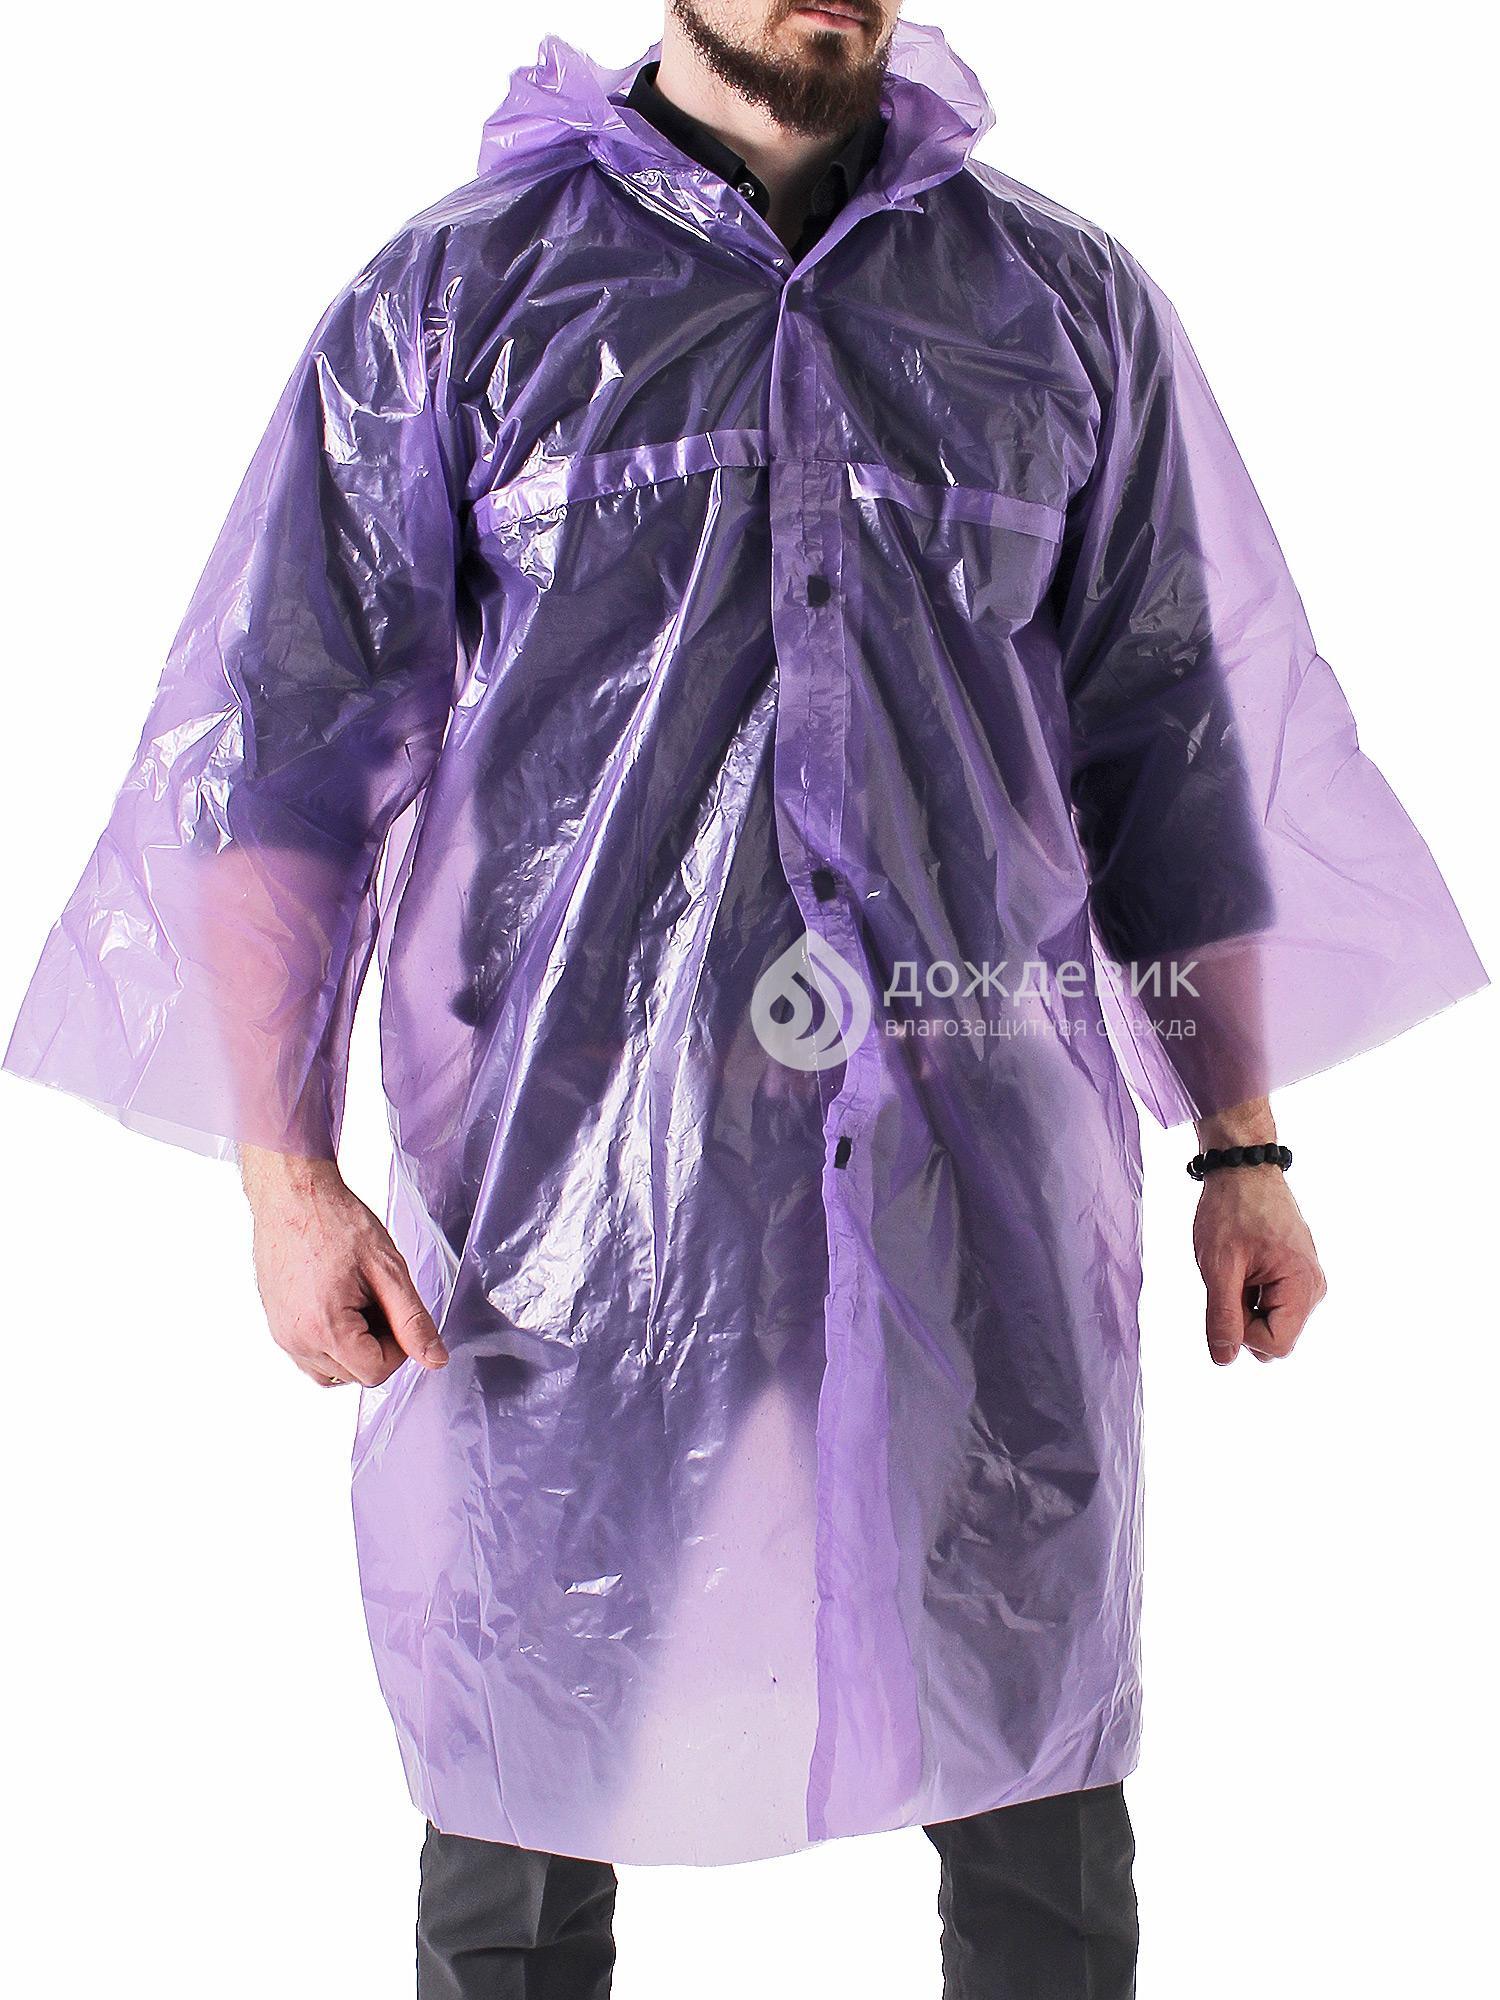 Плащ-дождевик полиэтиленовый на липучках фиолетовый